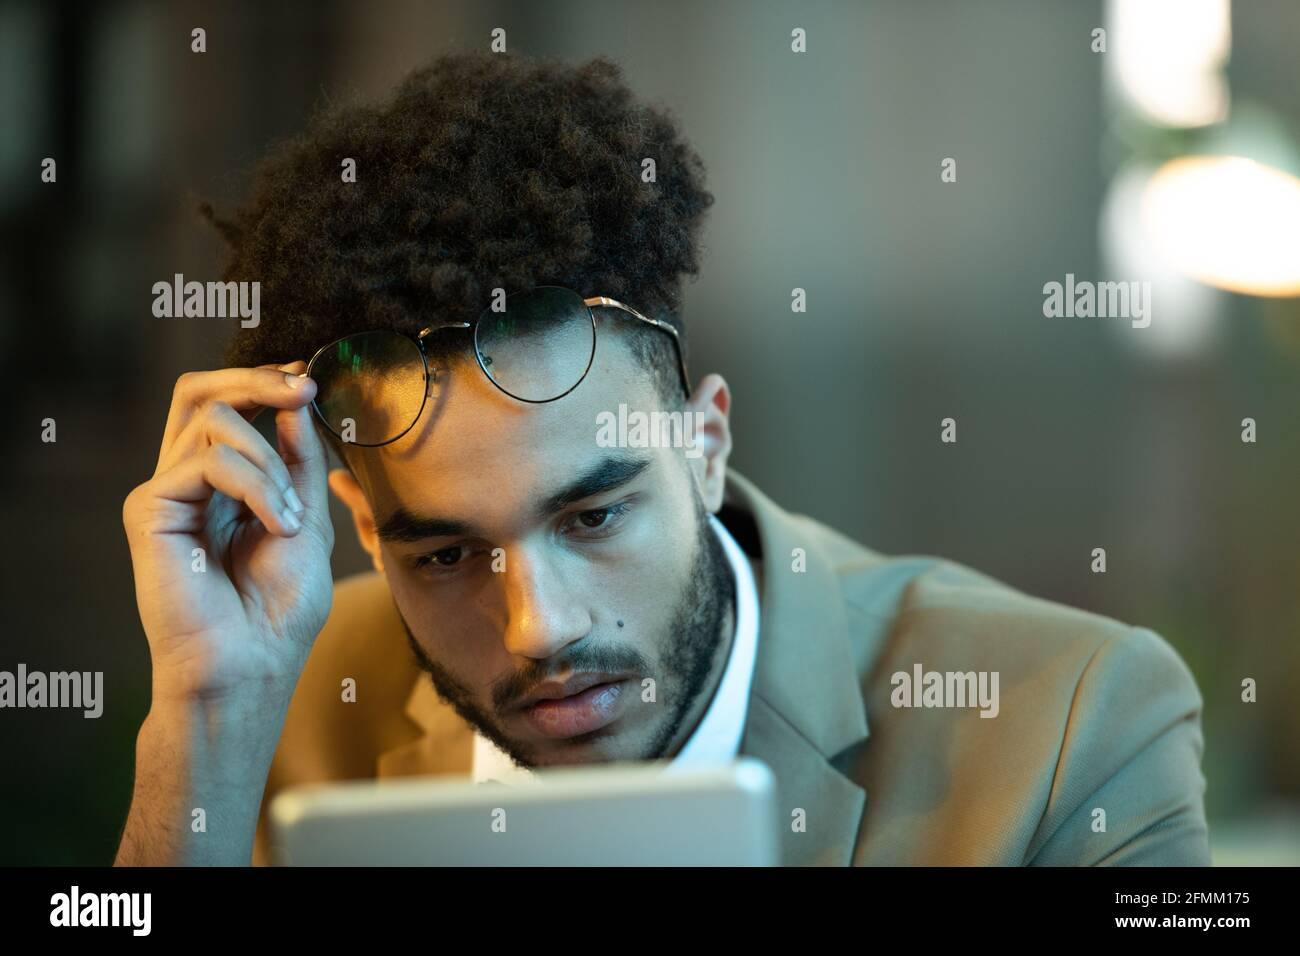 Occupé jeune noir Manager avec la coiffure d'afro prenant des lunettes tout en lisant l'article sur la tablette, il travaille tard Banque D'Images